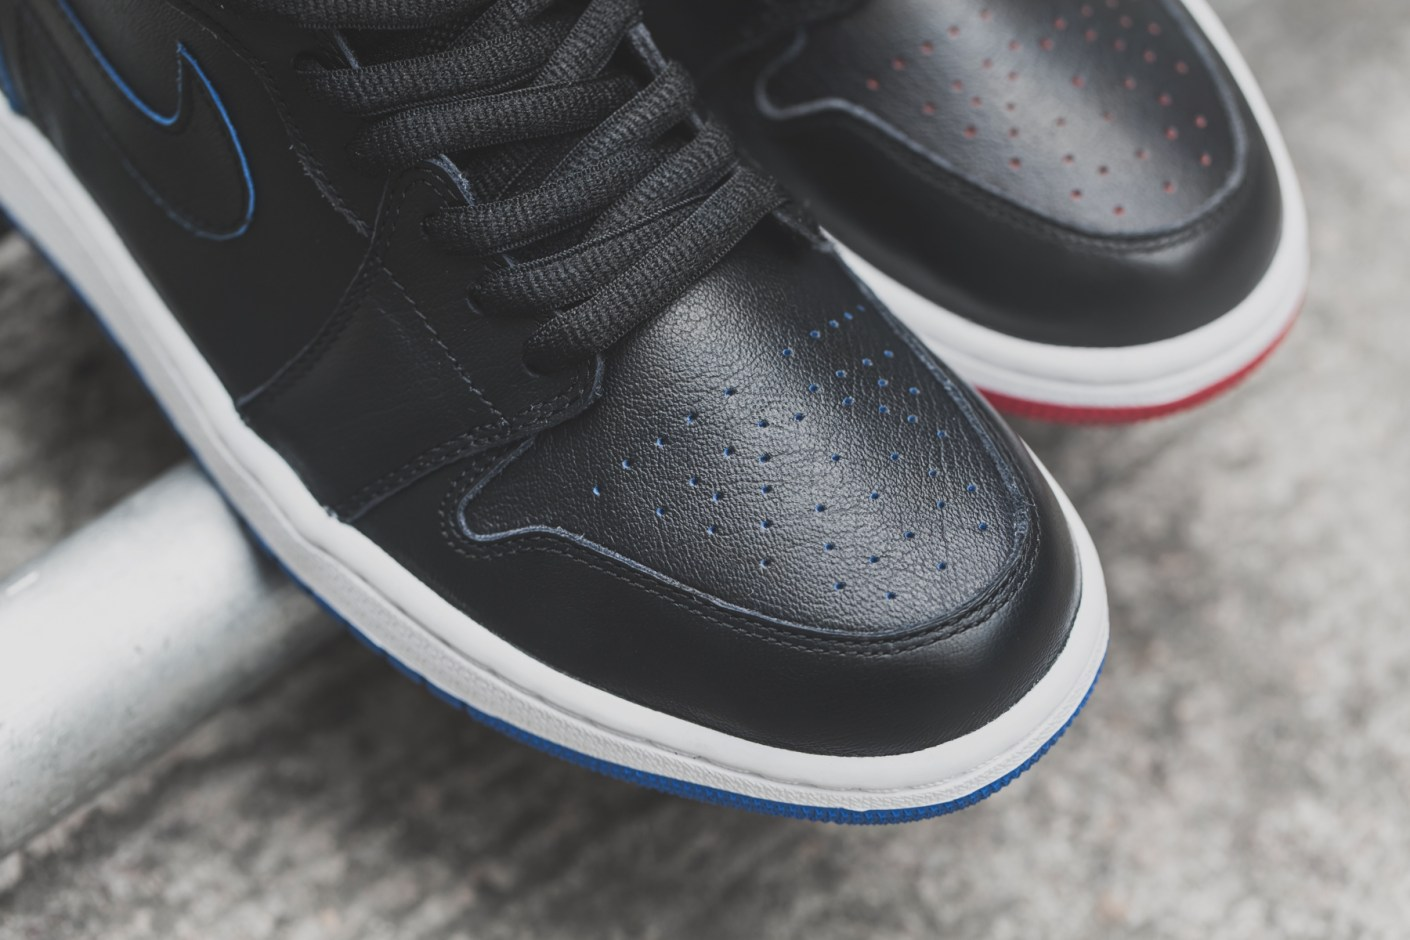 Image of Lance Mountain on the Nike SB x Air Jordan 1